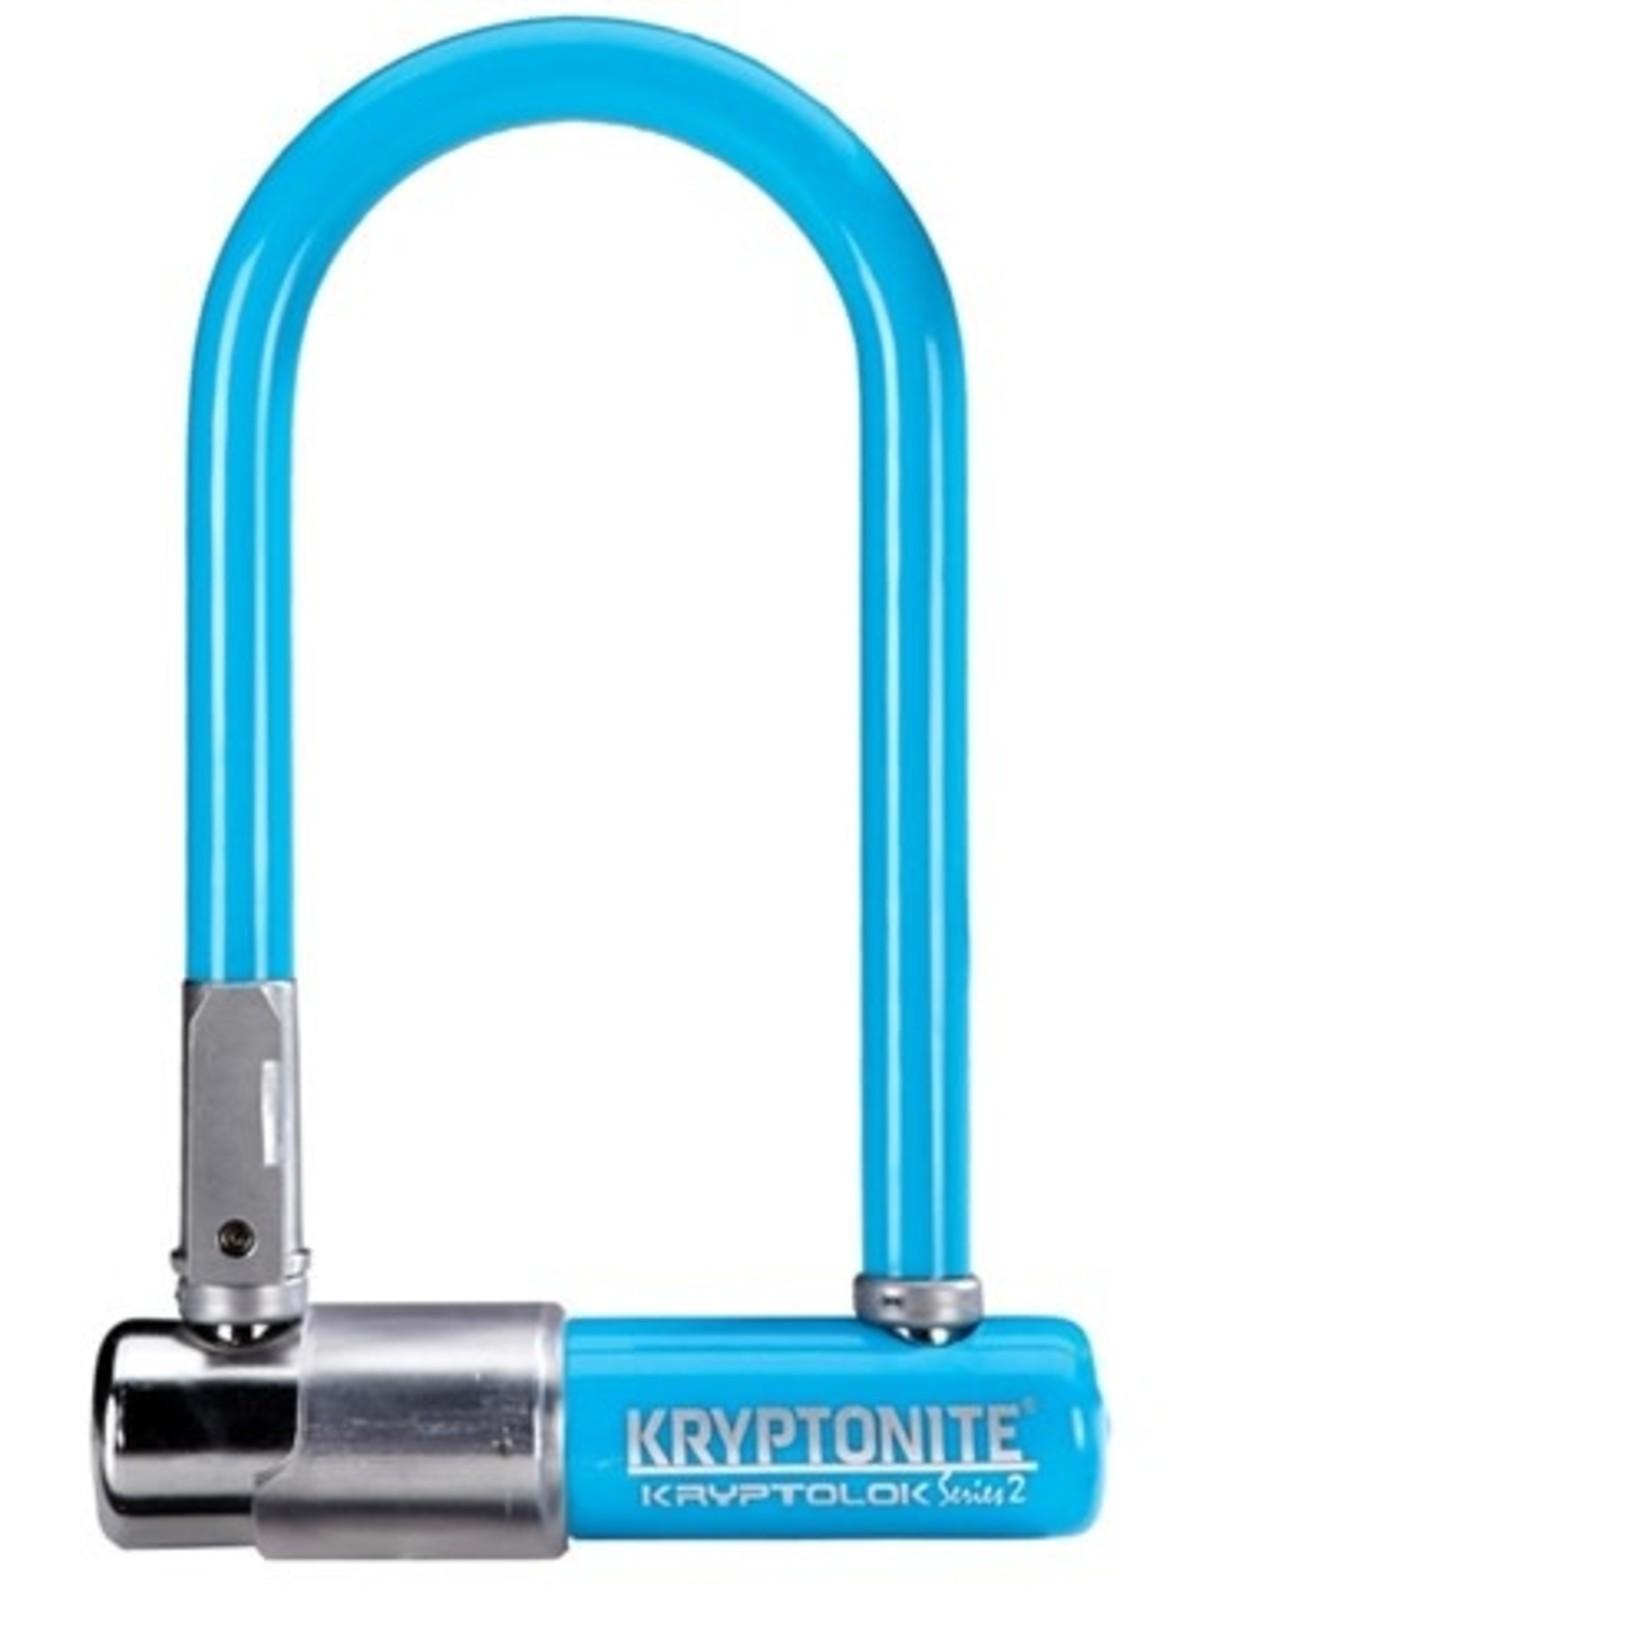 LOCK Kryptonite Kryptolock Mini-7 Blue